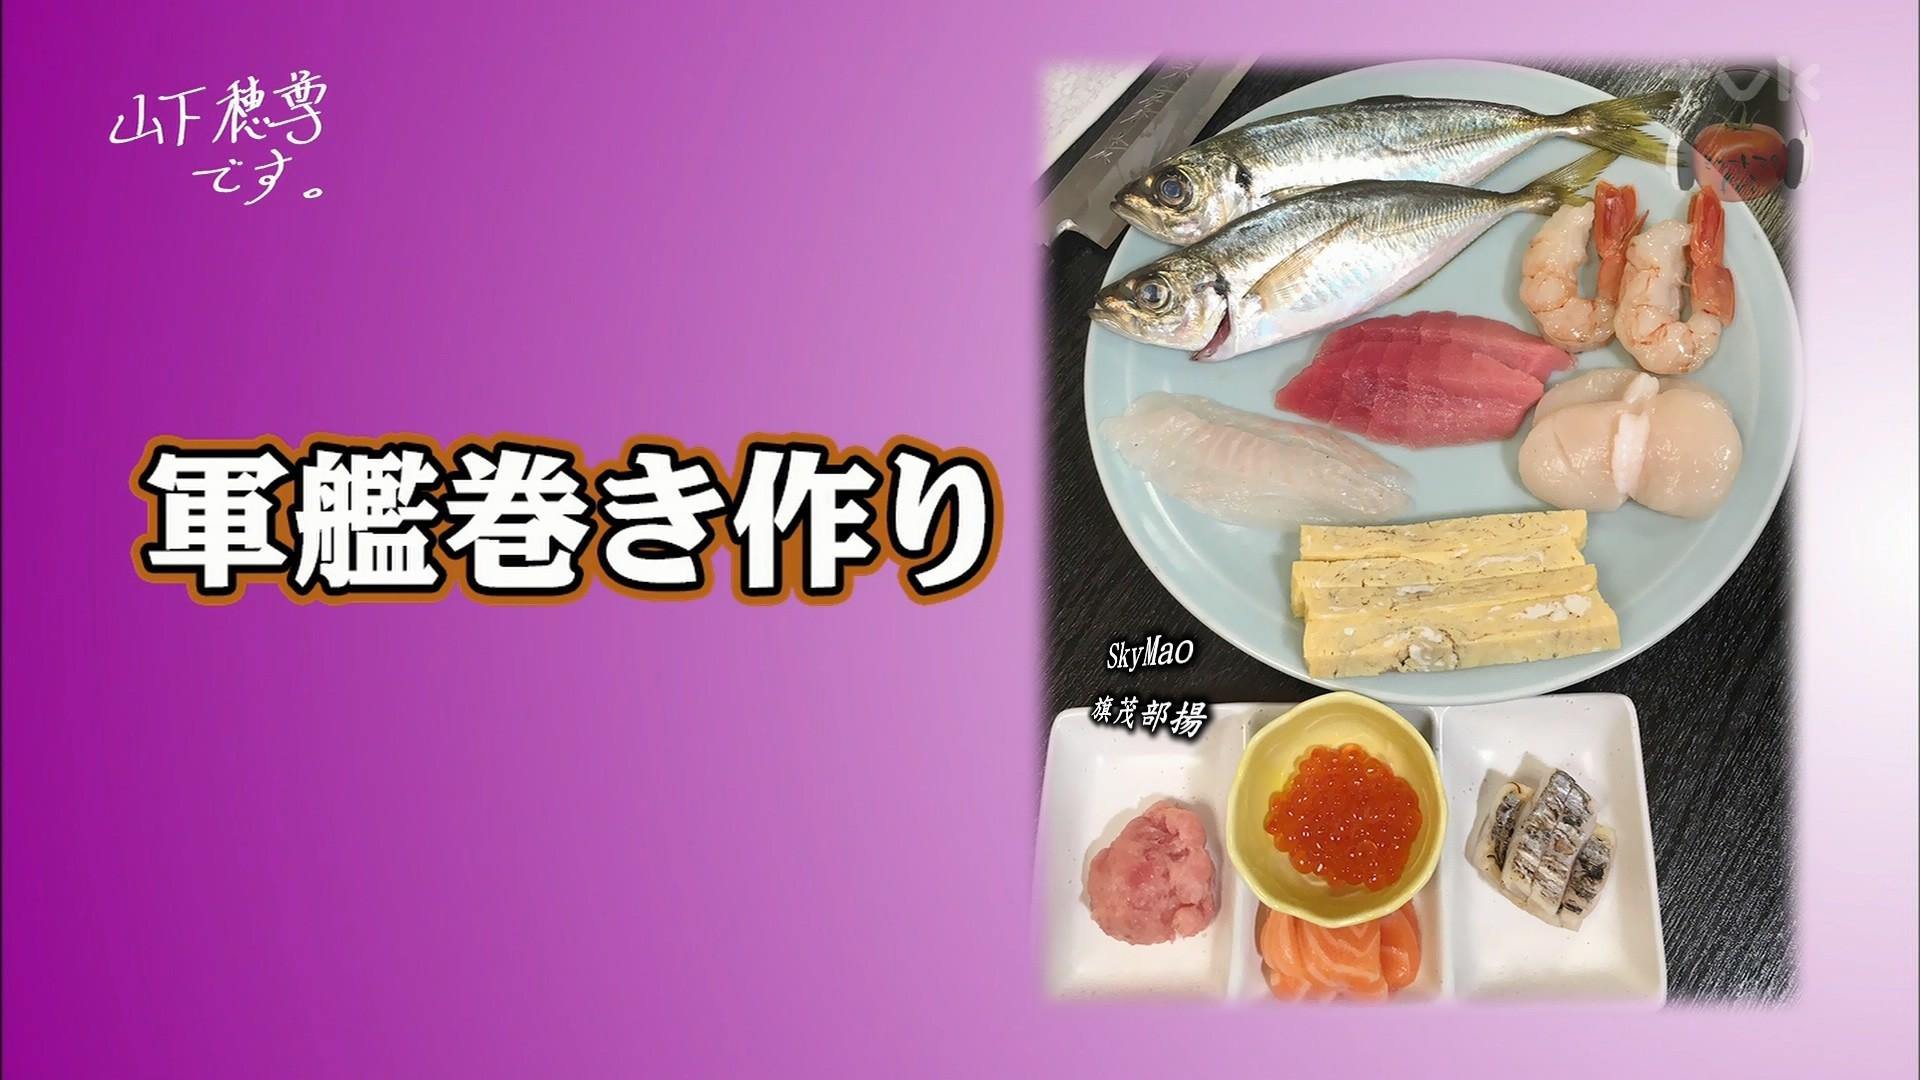 2017.11.17 全場(ミュートマ2).ts_20171118_030248.445